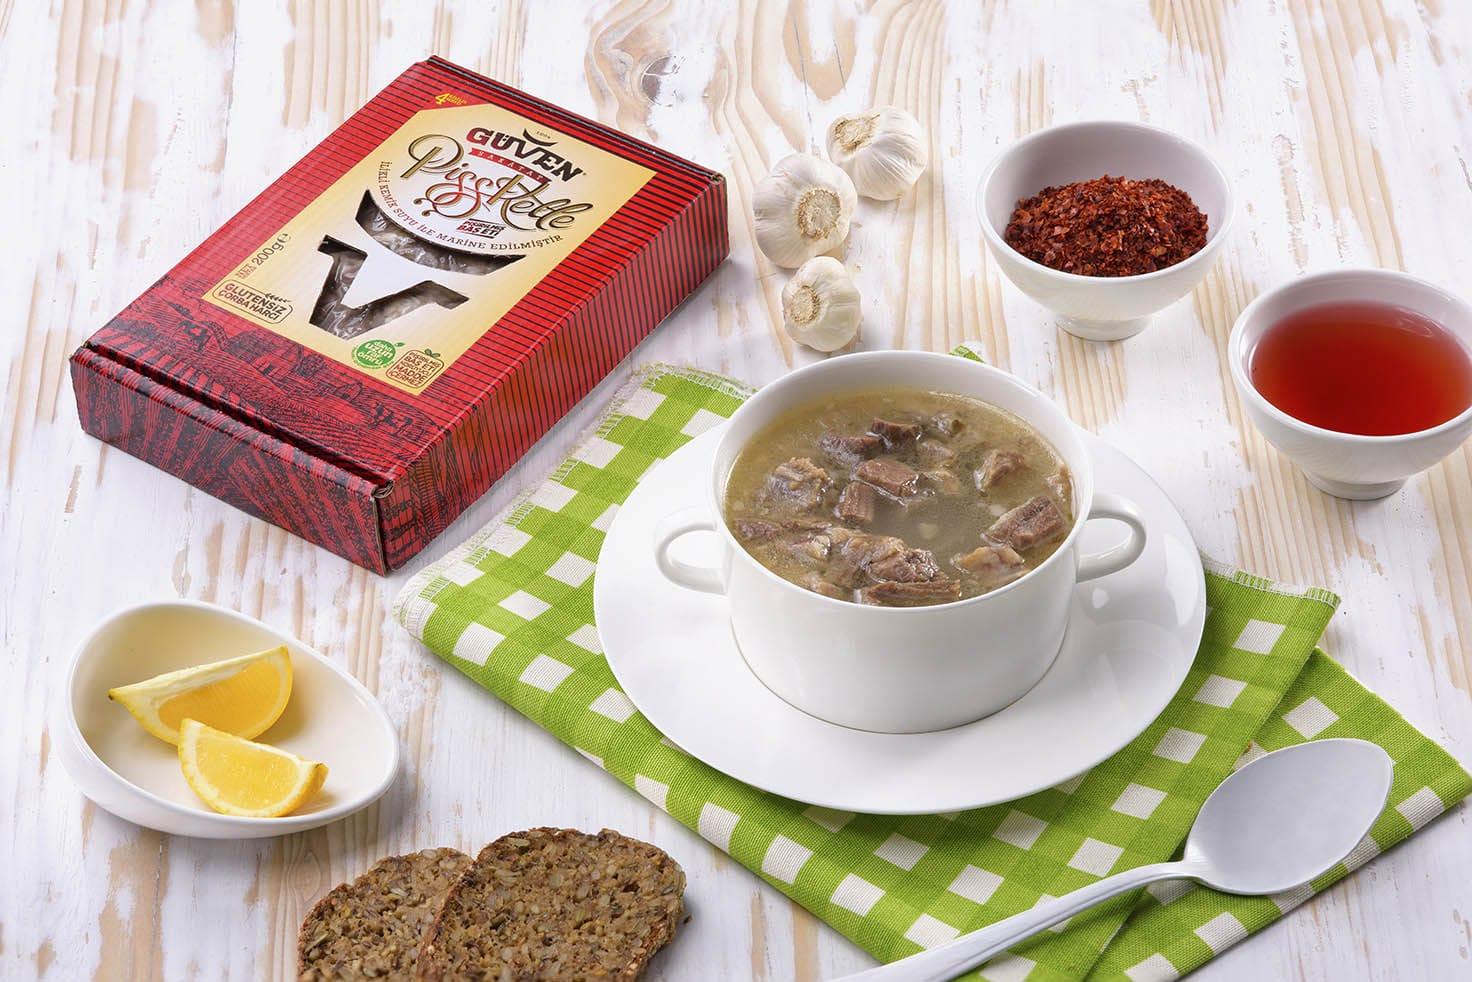 Pişşkelle - Hazır Pişmiş Kelle Paça Çorbası